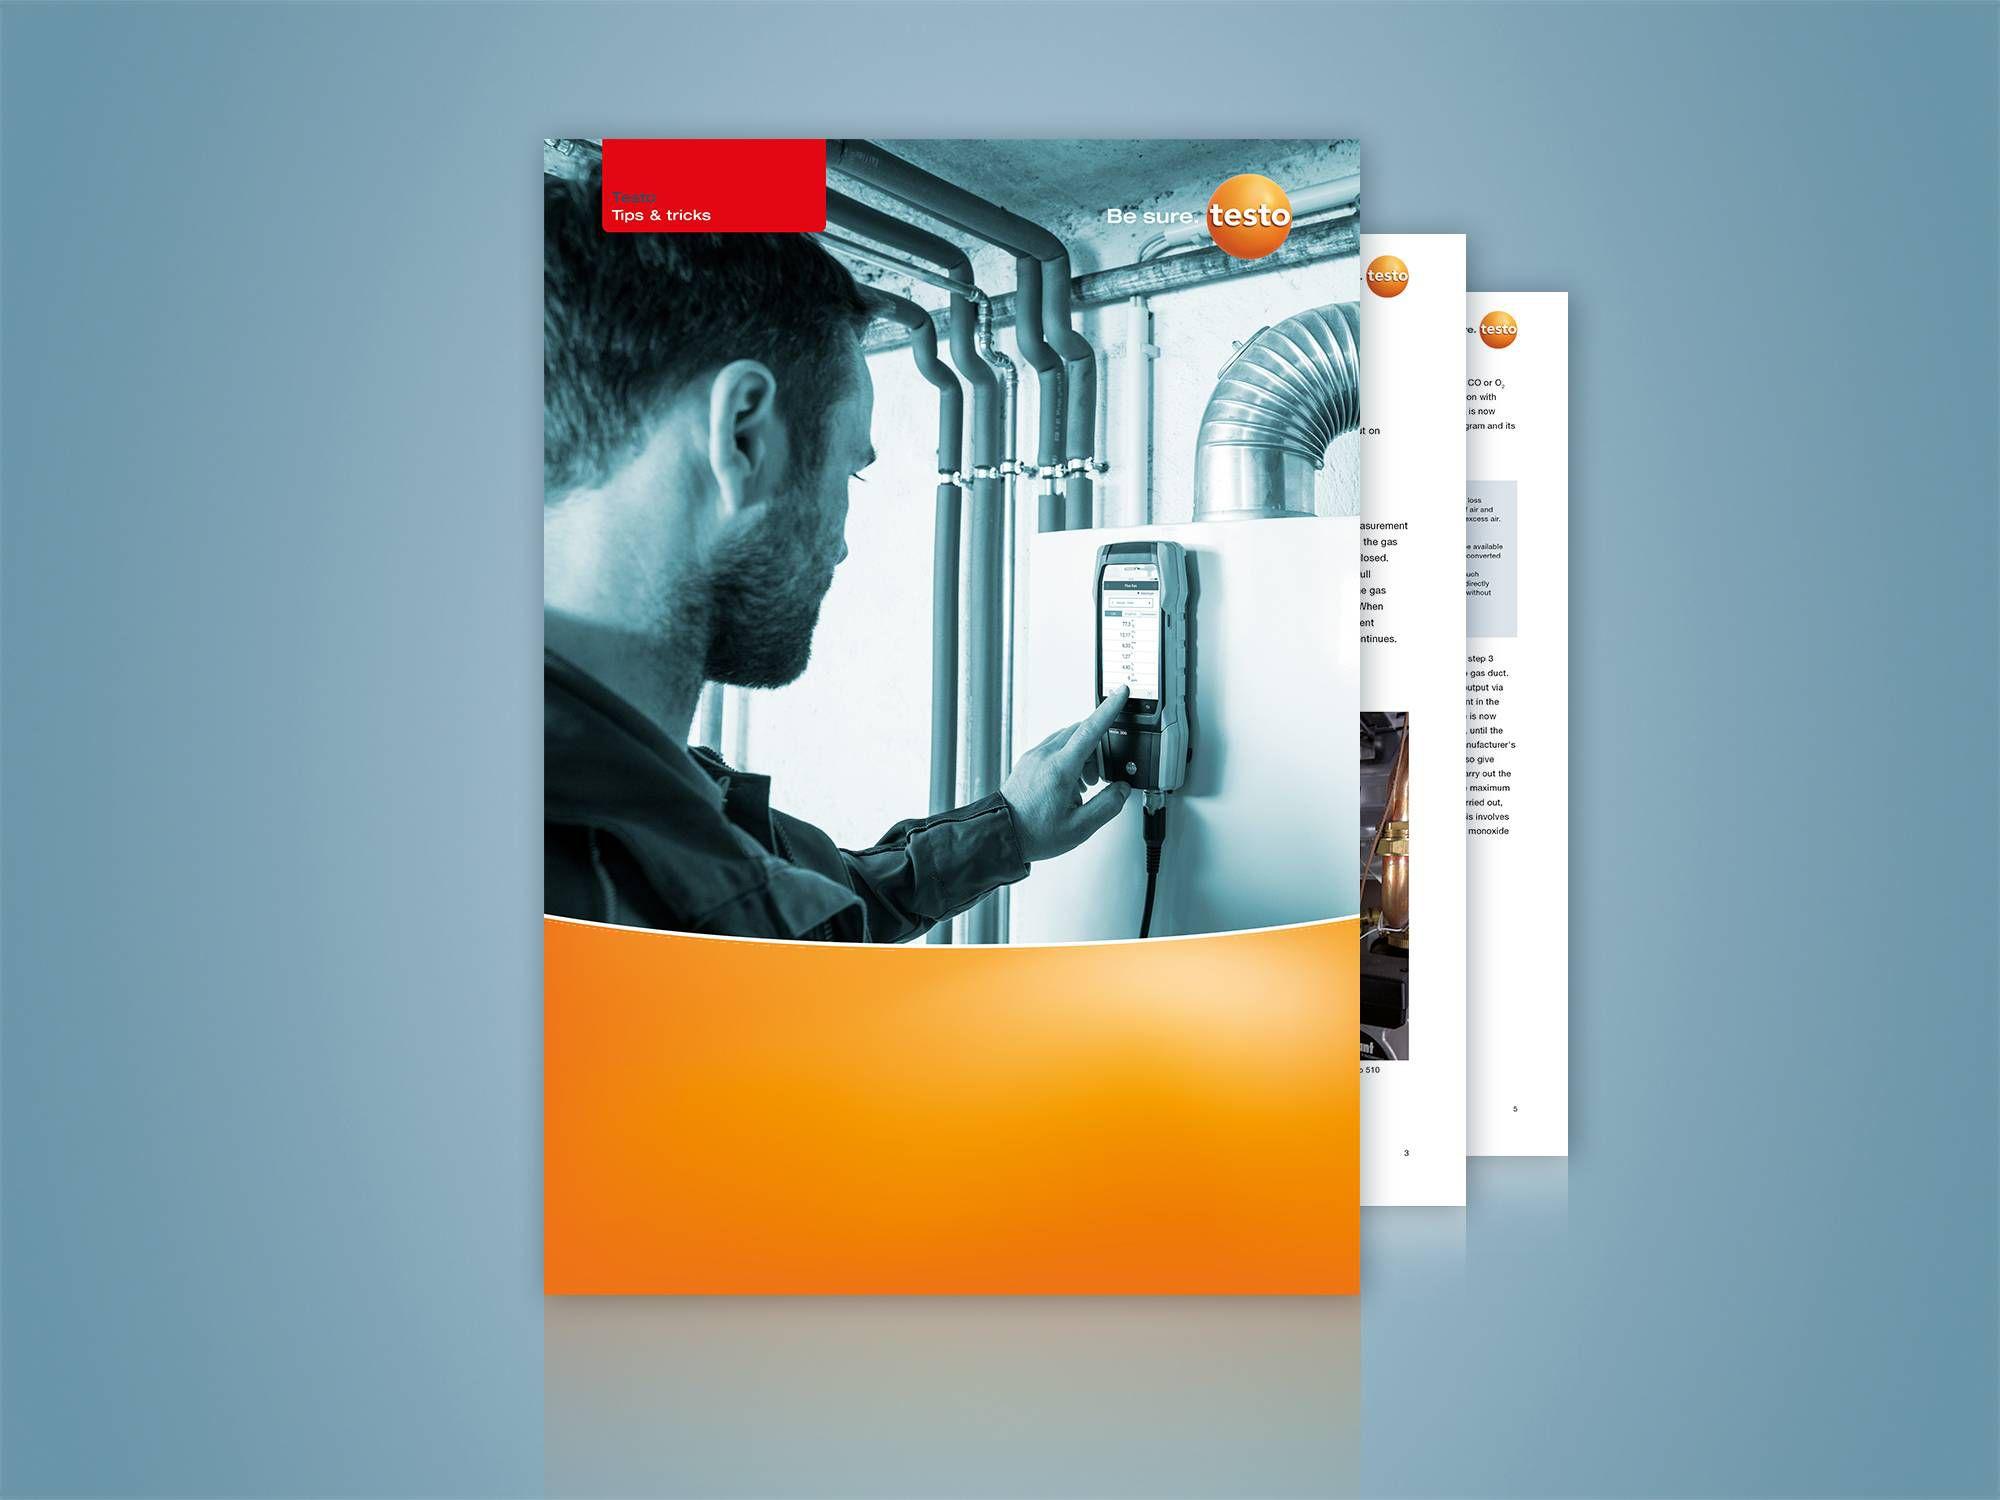 Realizar tarefas de medição em sistemas de aquecimento de forma eficiente e segura